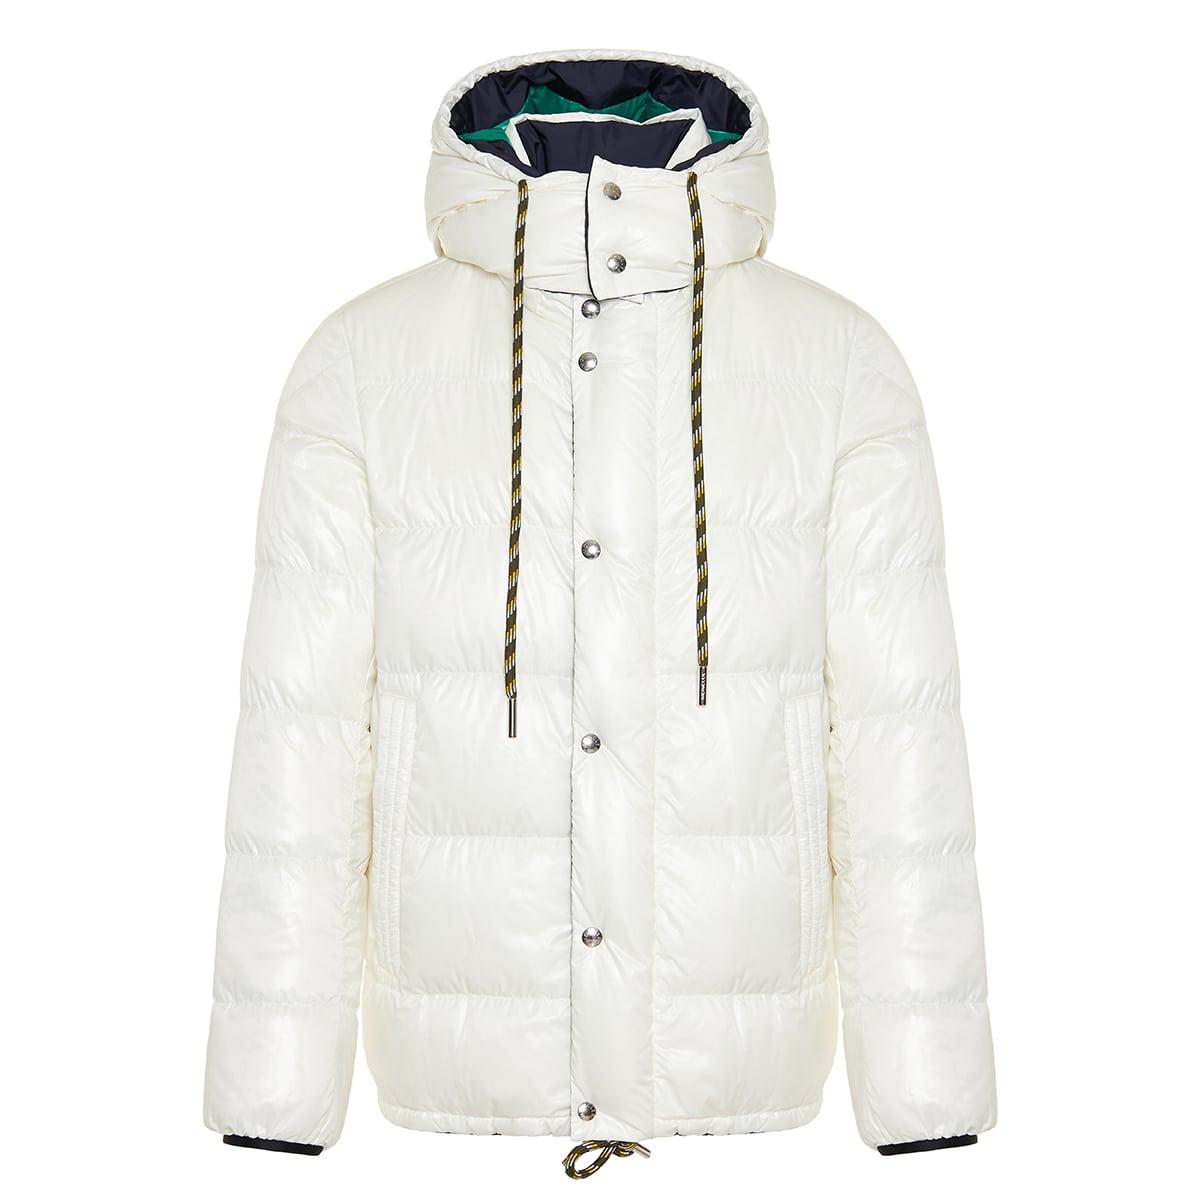 Etievant reversible puffer jacket